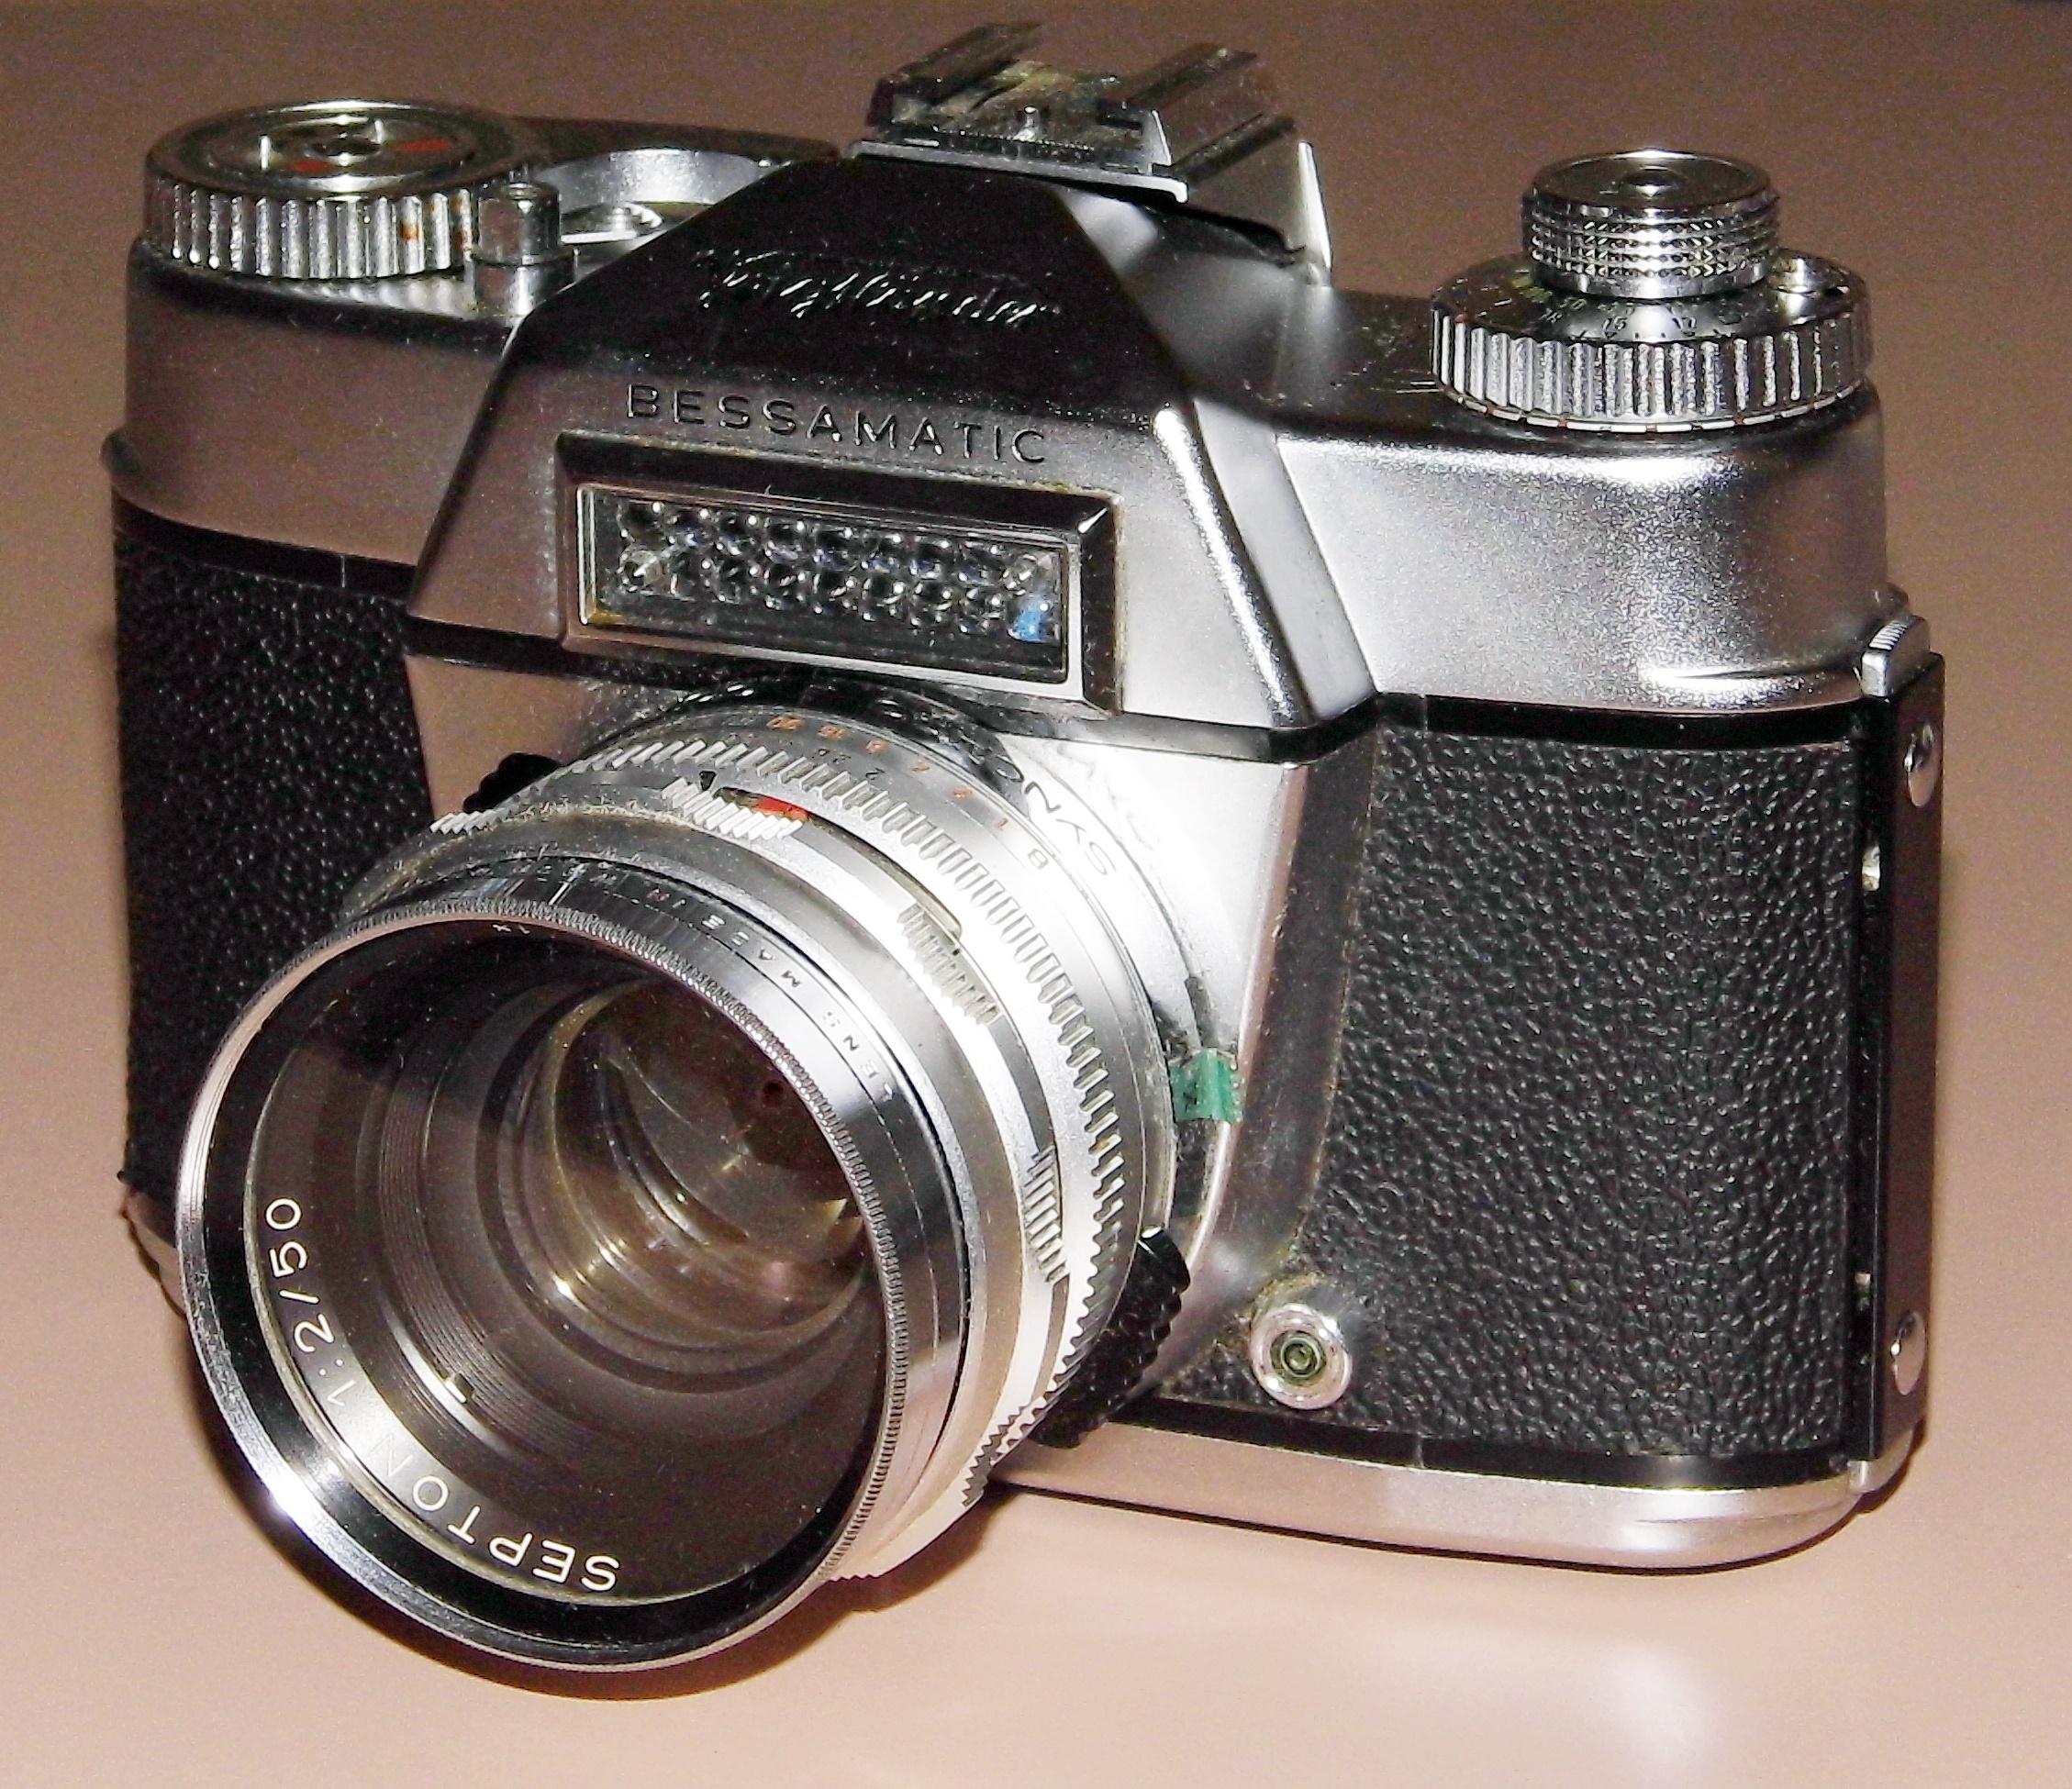 Fichier:Vintage Voigtlander Bessamatic 35mm SLR Film ... Pictures Made With Voigtlander